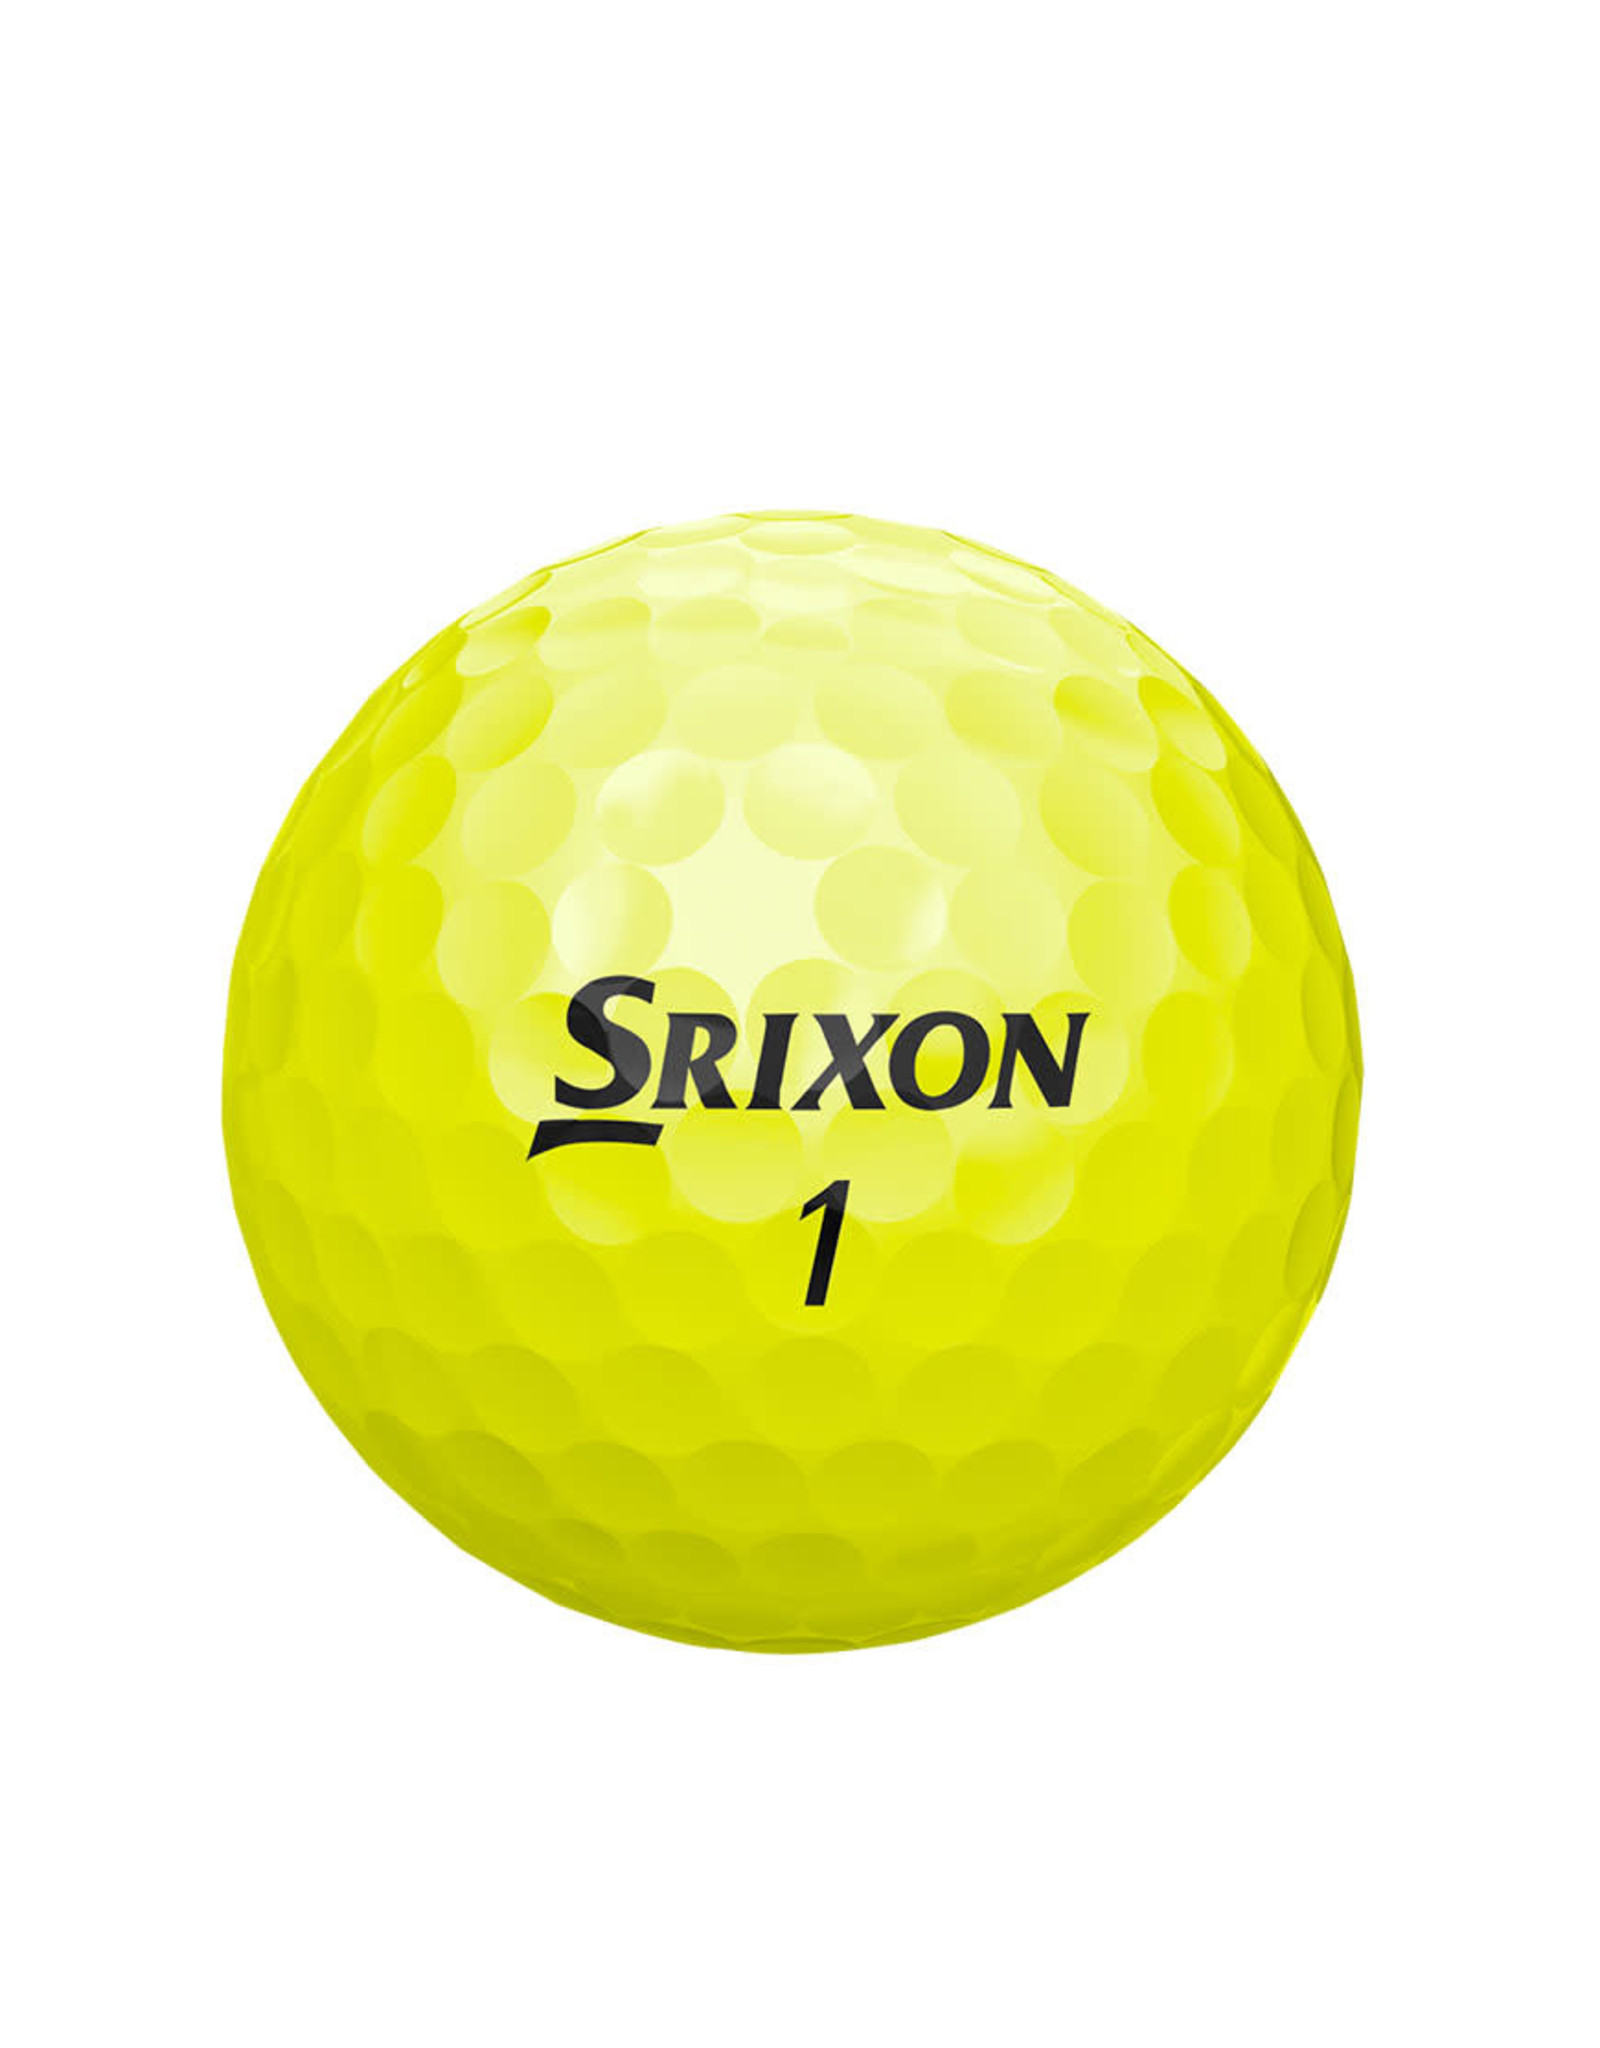 Srixon Srixon Q Star Yellow Dozen